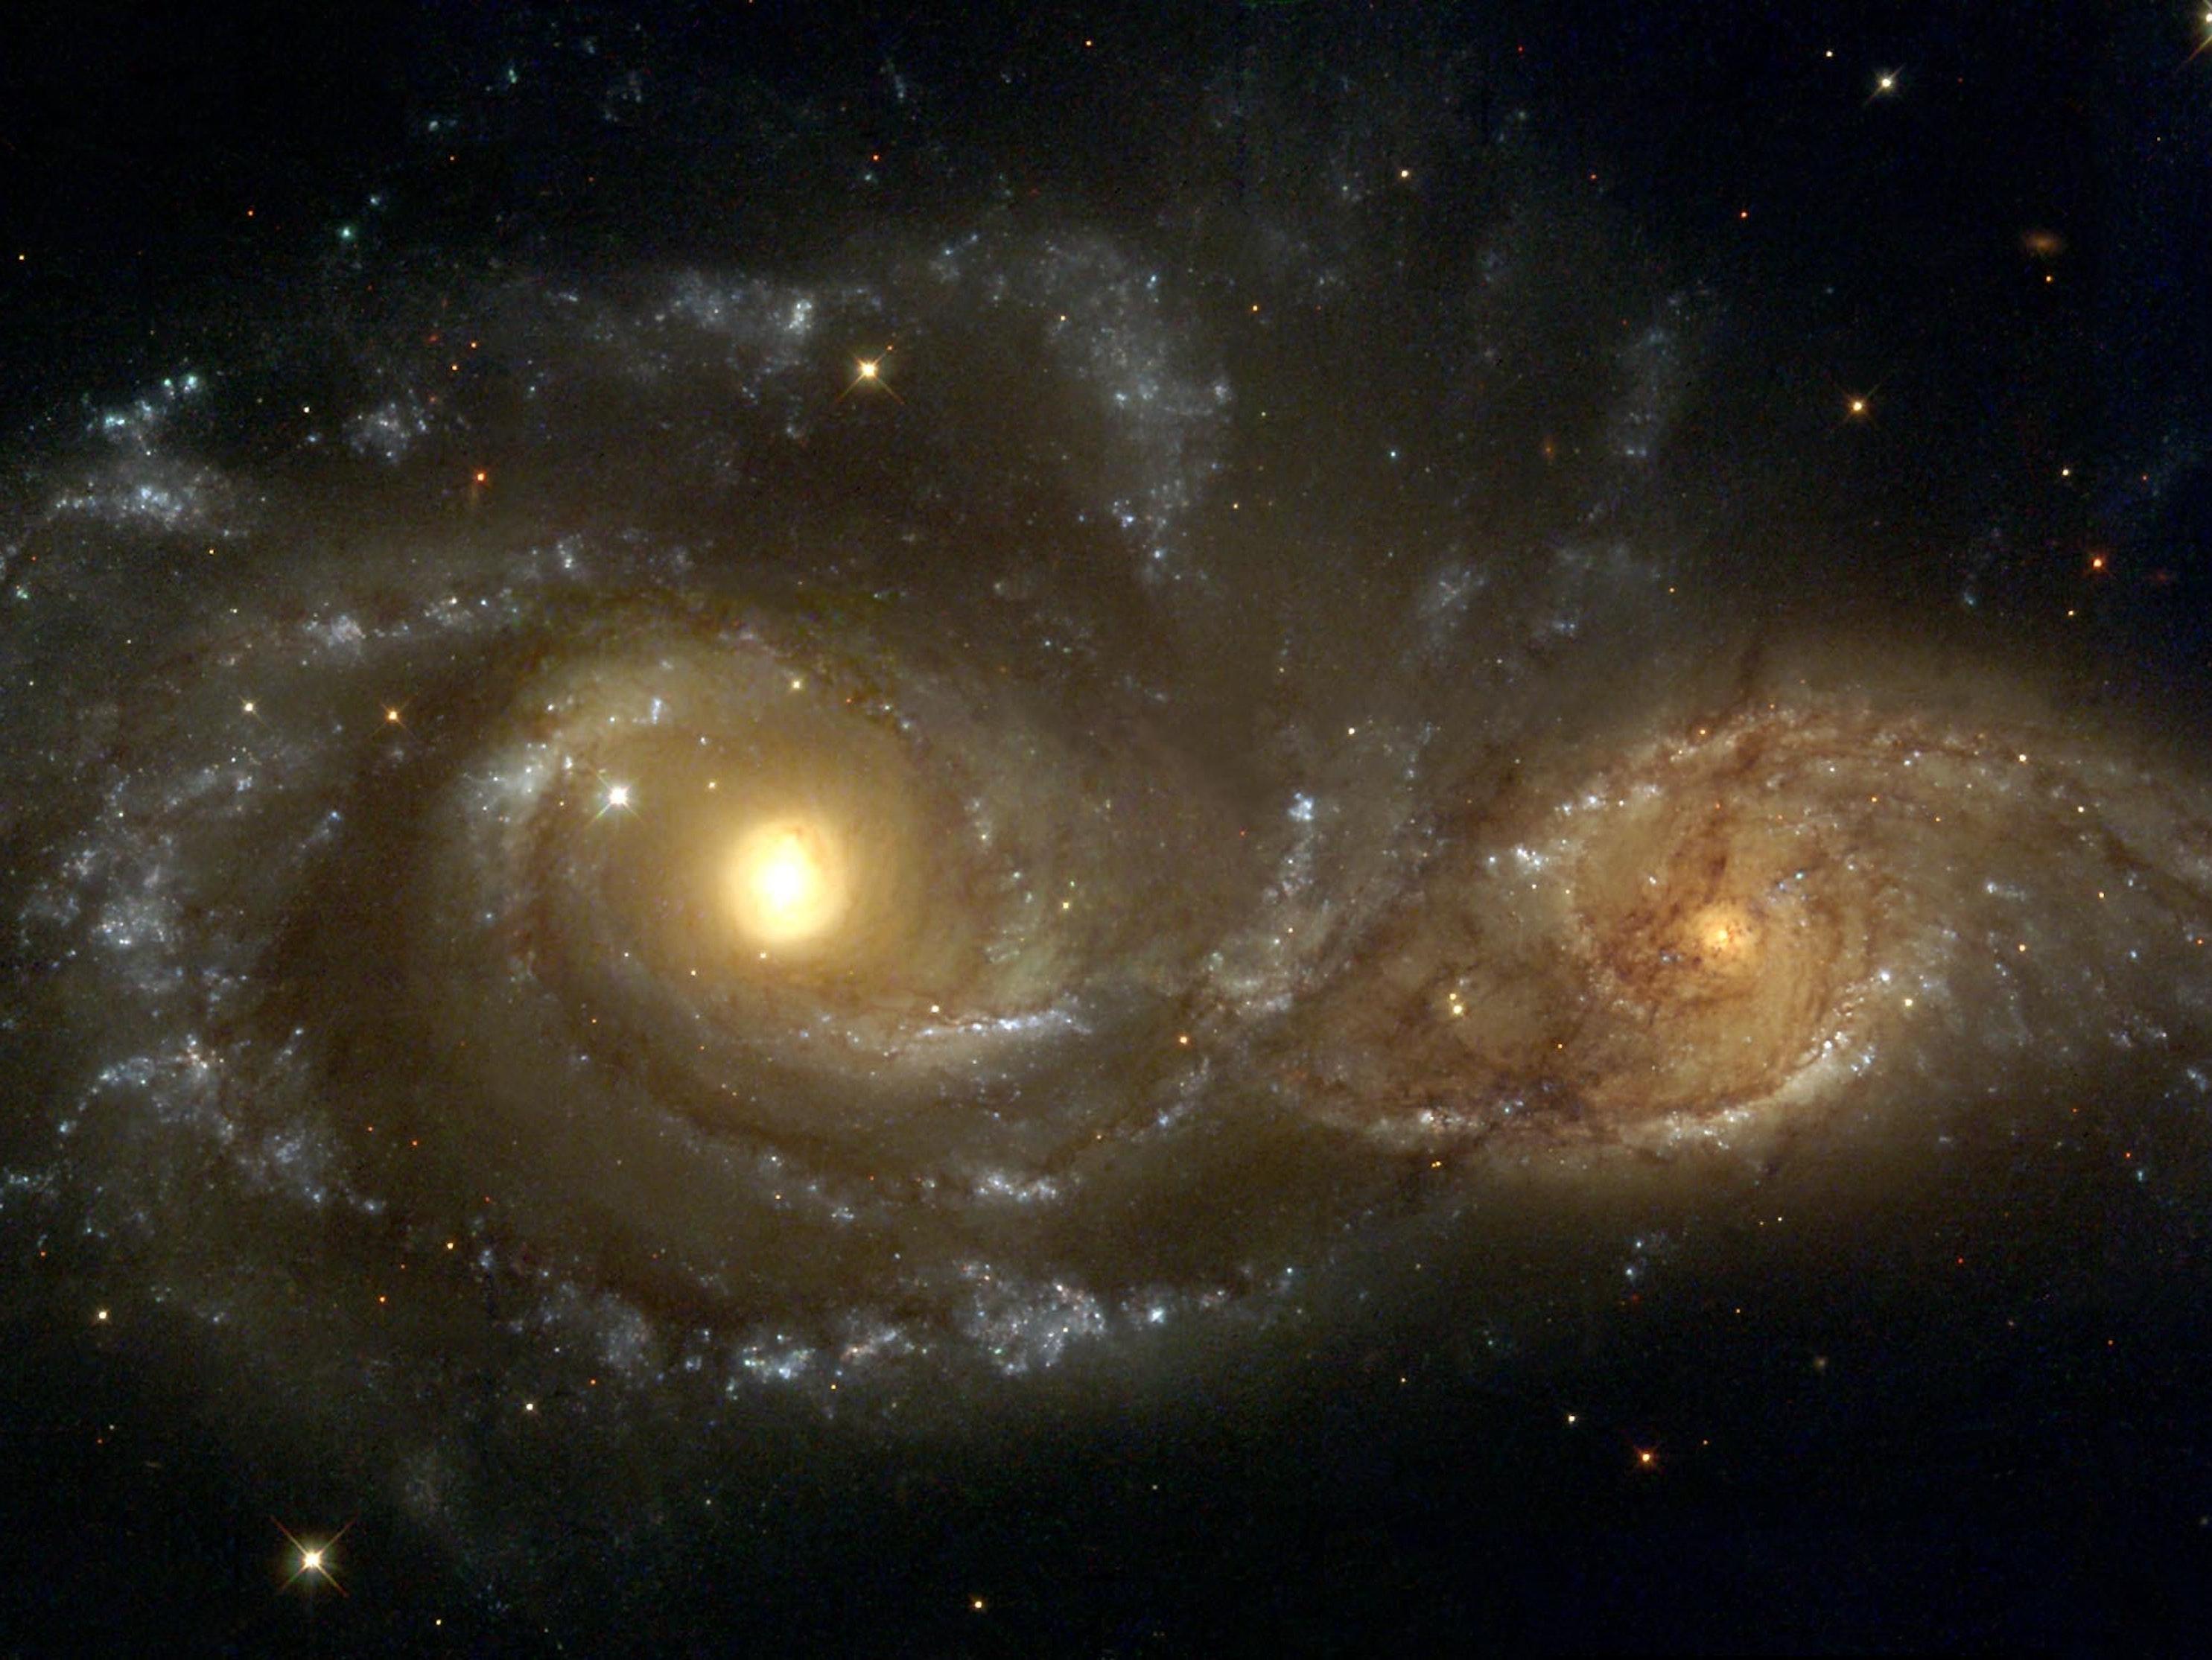 Get a room galaxies.